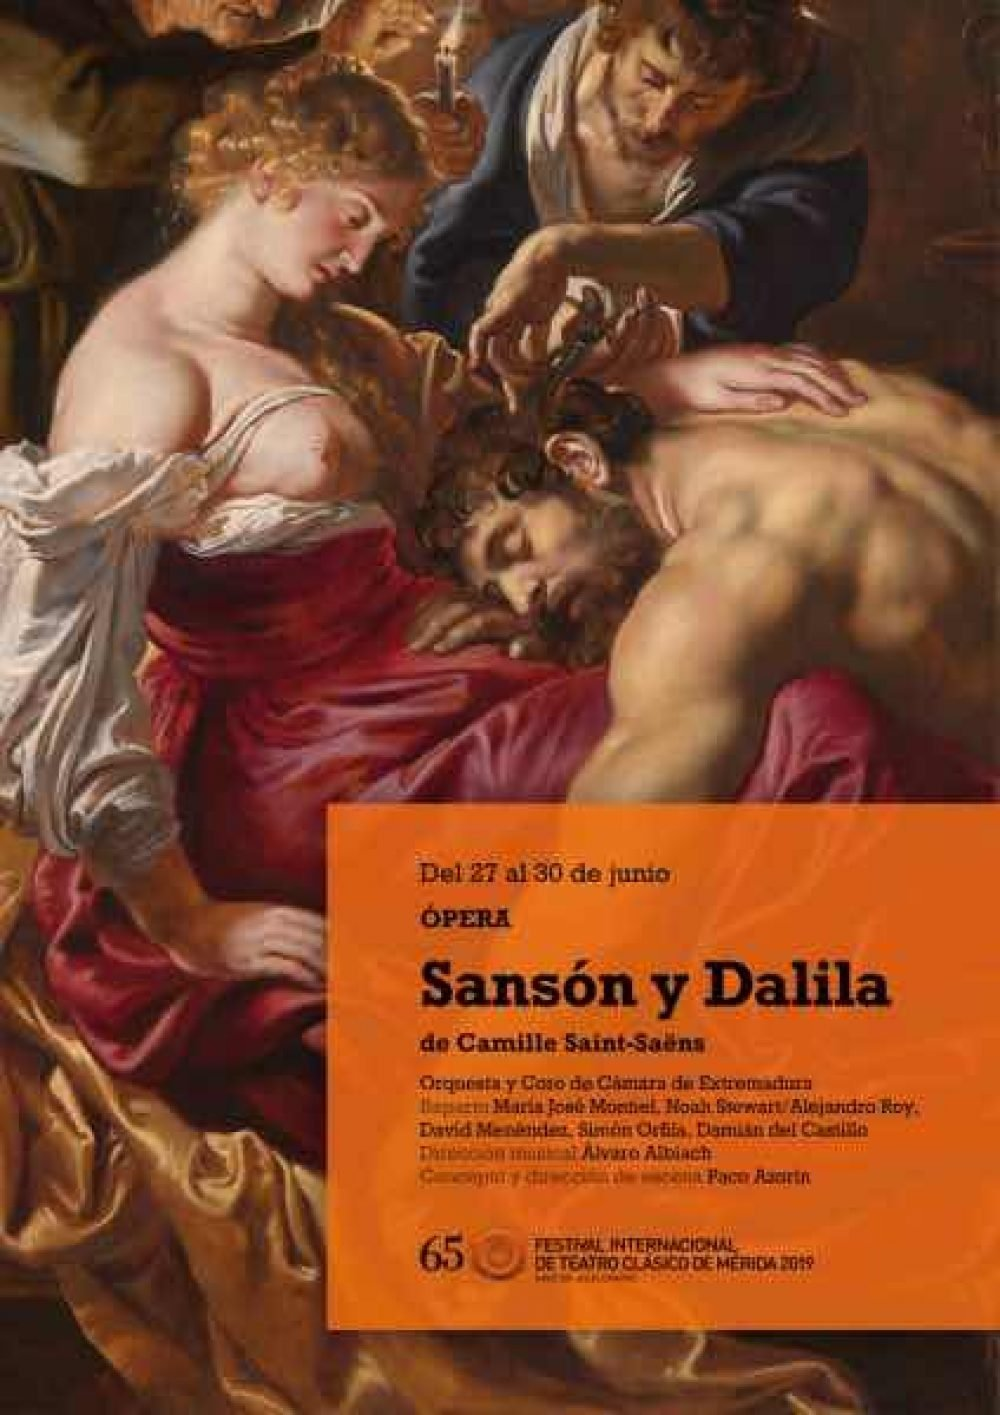 Sansón y Dalila. Festival Internacional de Teatro Clásico de Mérida